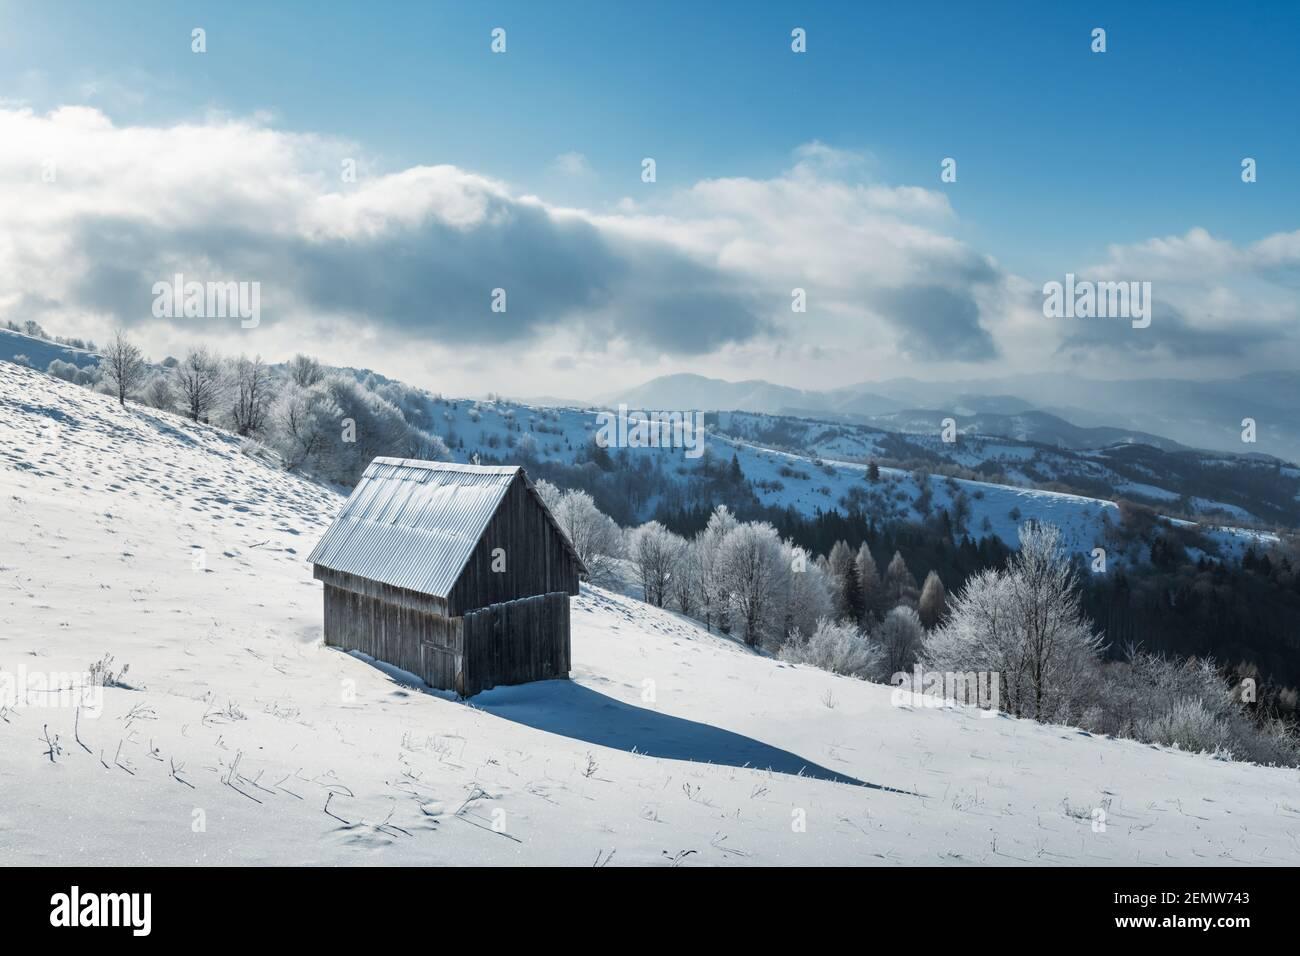 Fantástico paisaje invernal con cabaña de madera en bosque nevado. Casa acogedora en las montañas de los Cárpatos. Navidad concepto de vacaciones Foto de stock